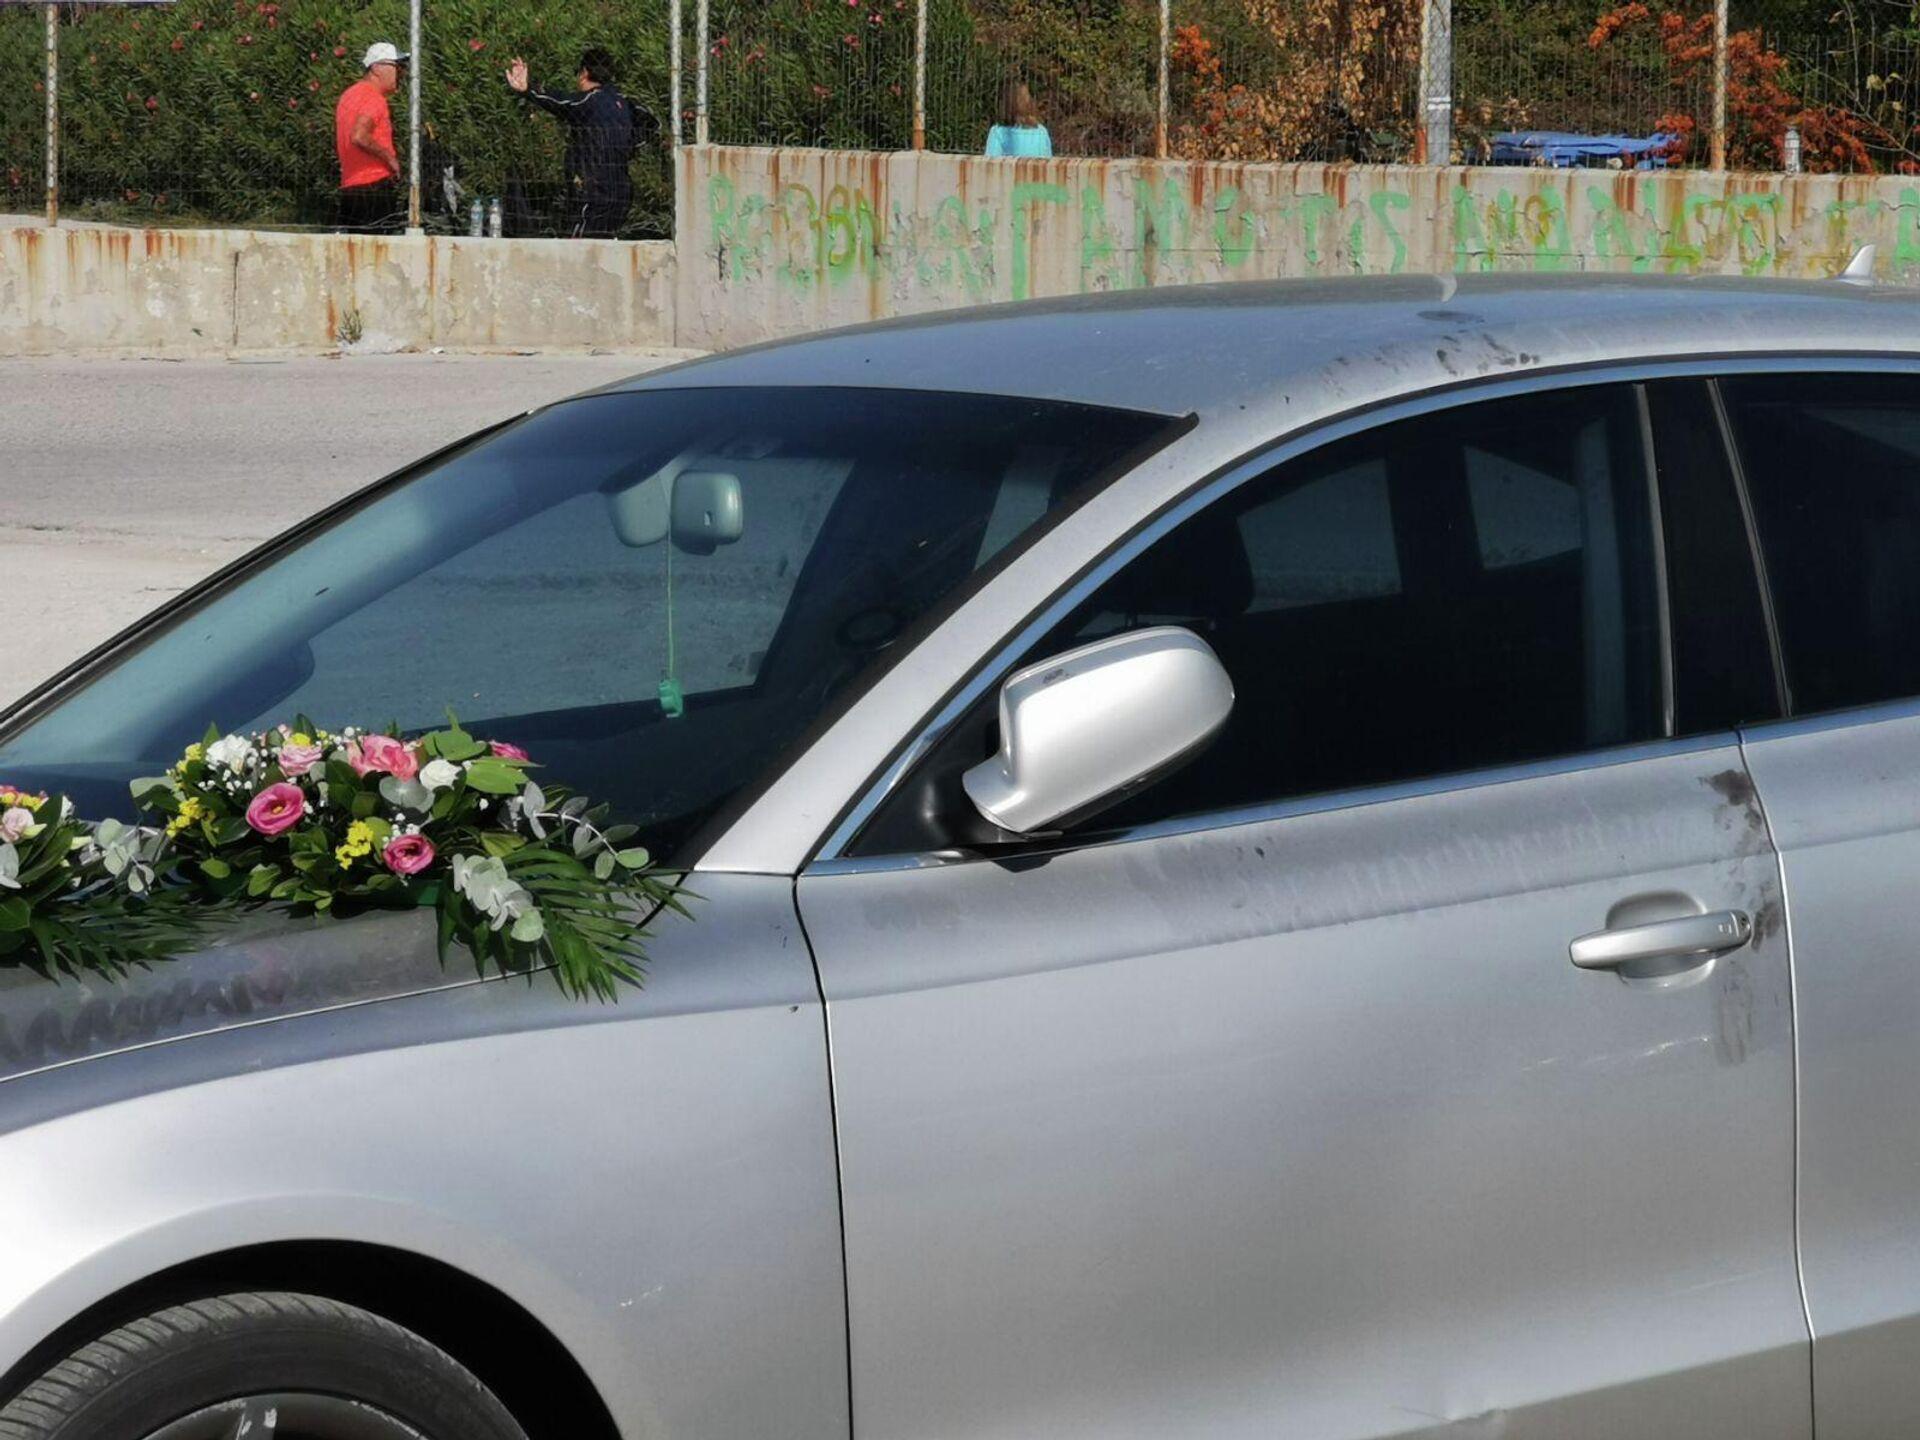 Λουλούδια στο αυτοκίνητο μέσα στο οποίο βρέθηκε νεκρός ο Νίκος Τσουμάνης - Sputnik Ελλάδα, 1920, 05.10.2021